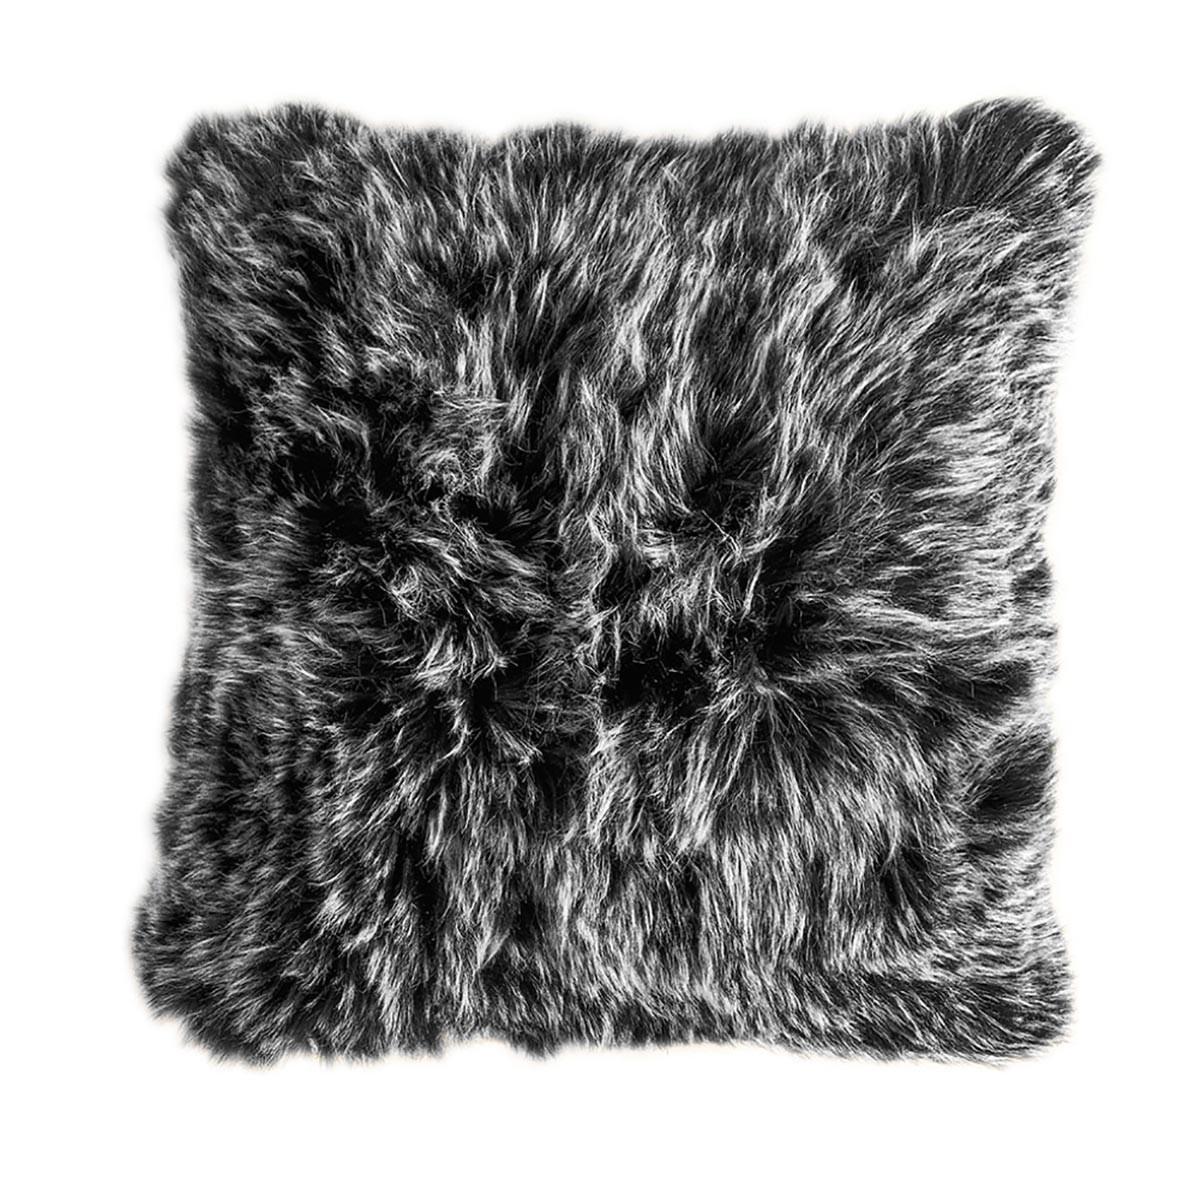 Γούνινη Διακοσμητική Μαξιλαροθήκη (50×50) Kentia Loft Foxy 04